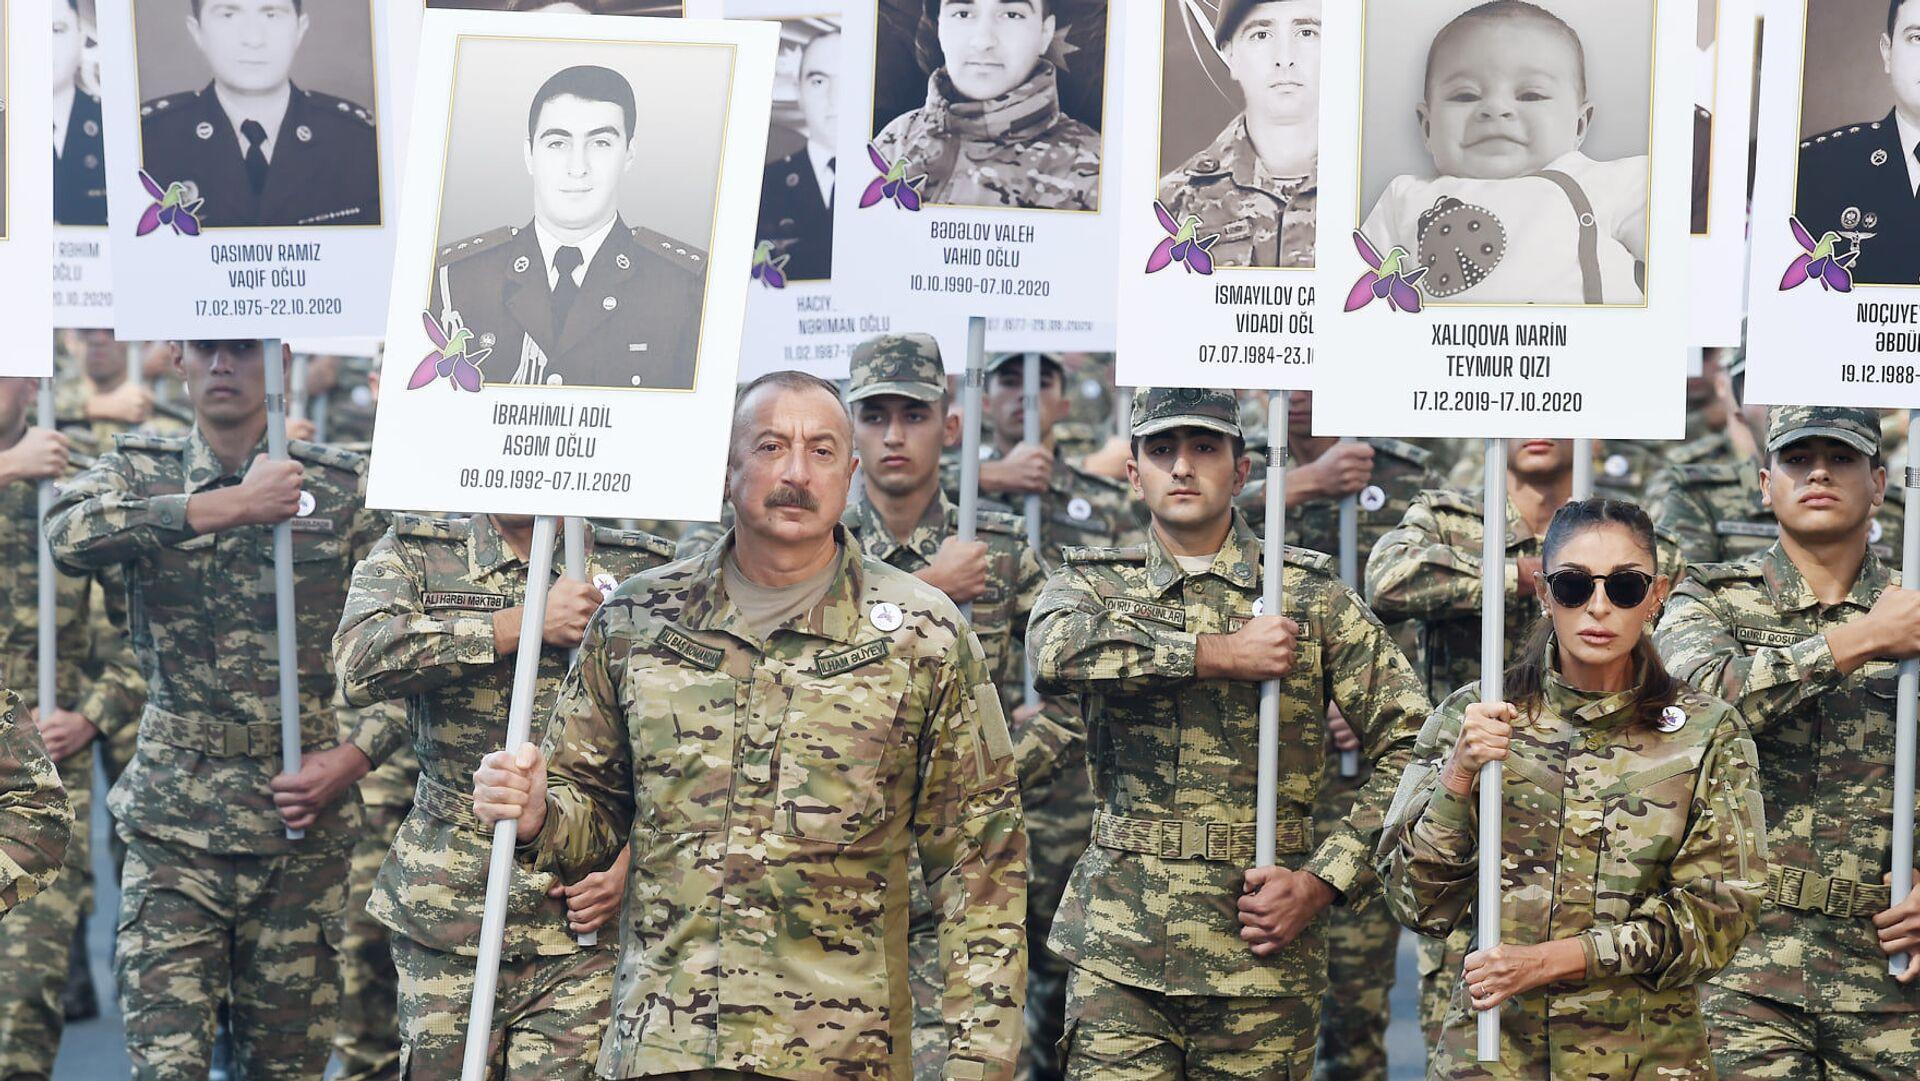 Президент Ильхам Алиев и Первая леди Мехрибан Алиева приняли участие в шествии в Баку в память о погибших в Отечественной войне - Sputnik Азербайджан, 1920, 27.09.2021